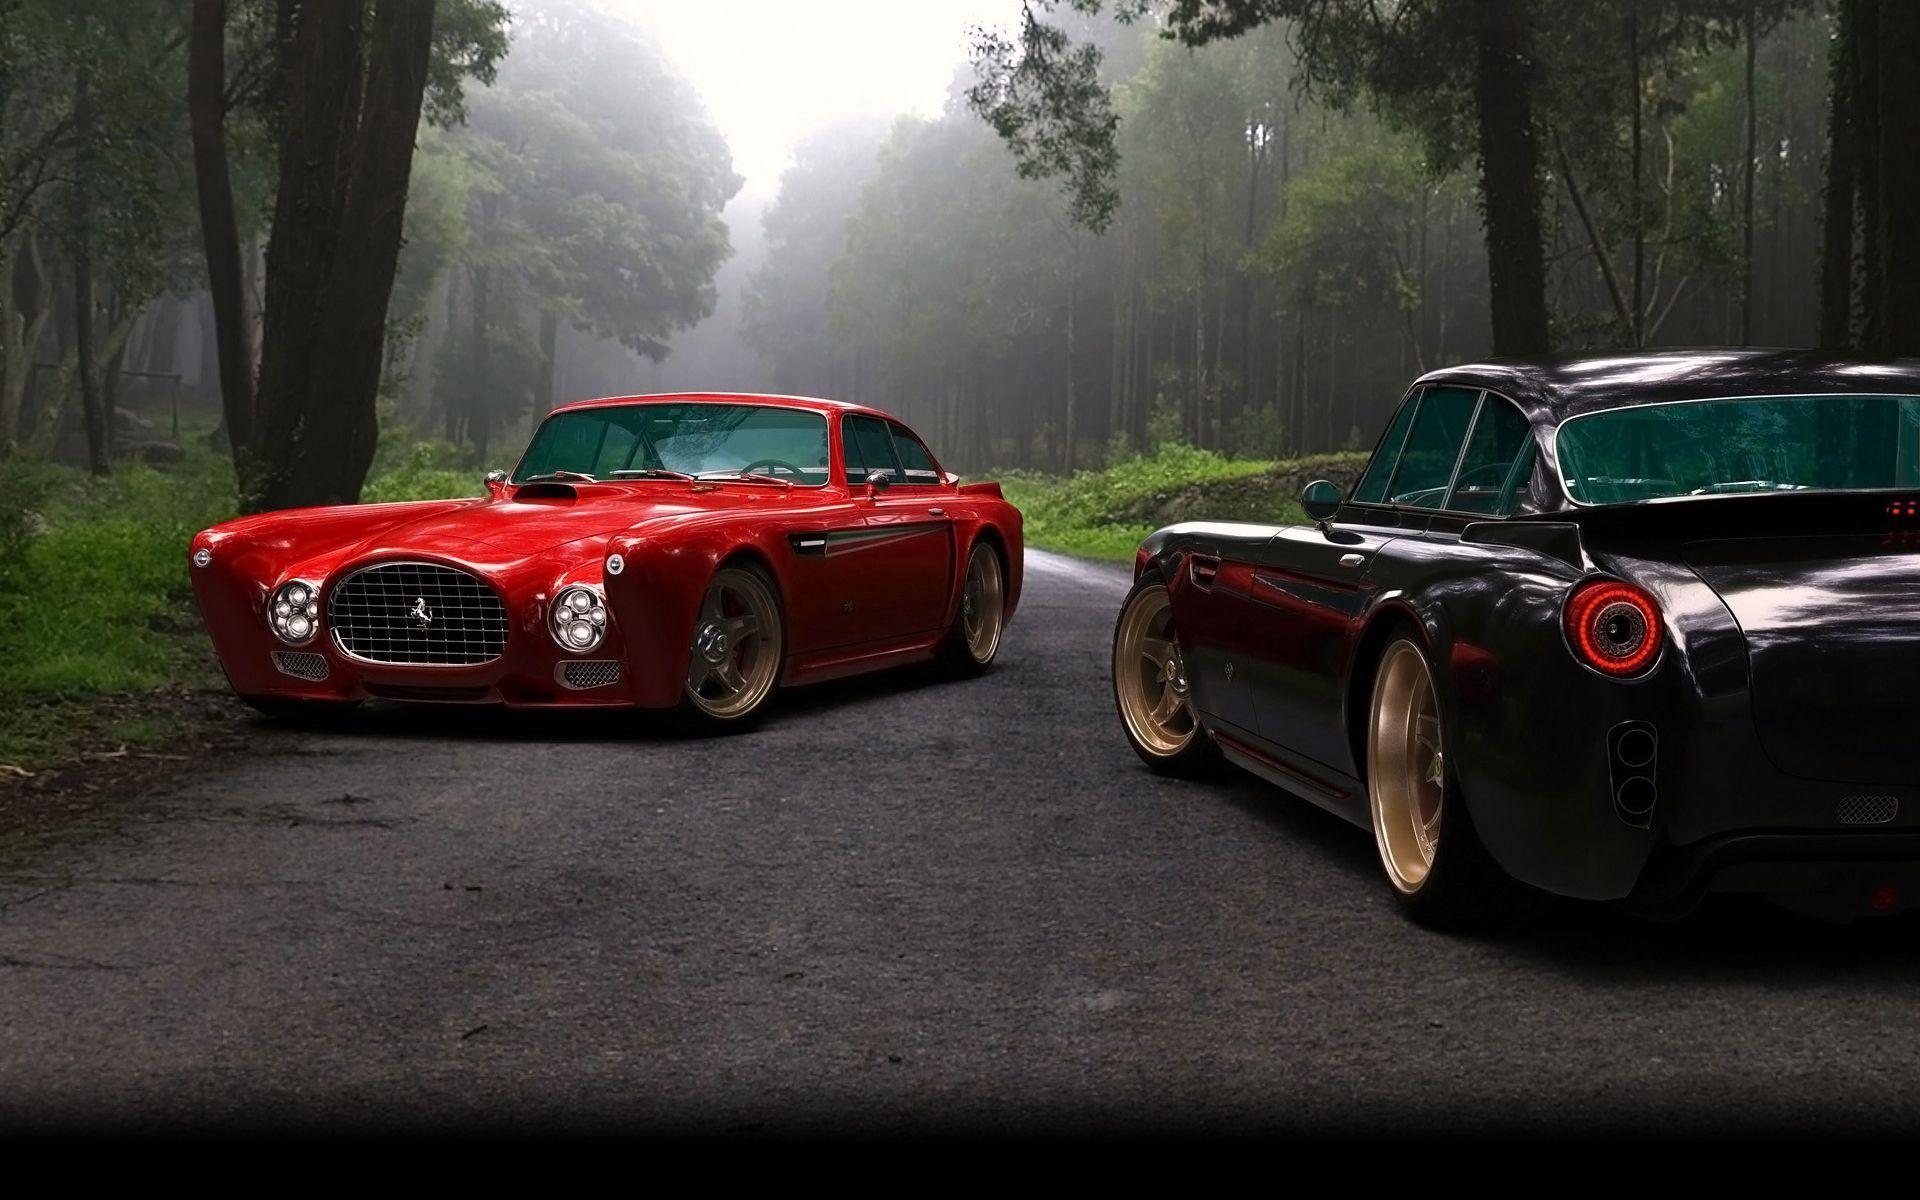 Super Car Hd Wallpapers Top Free Super Car Hd Backgrounds